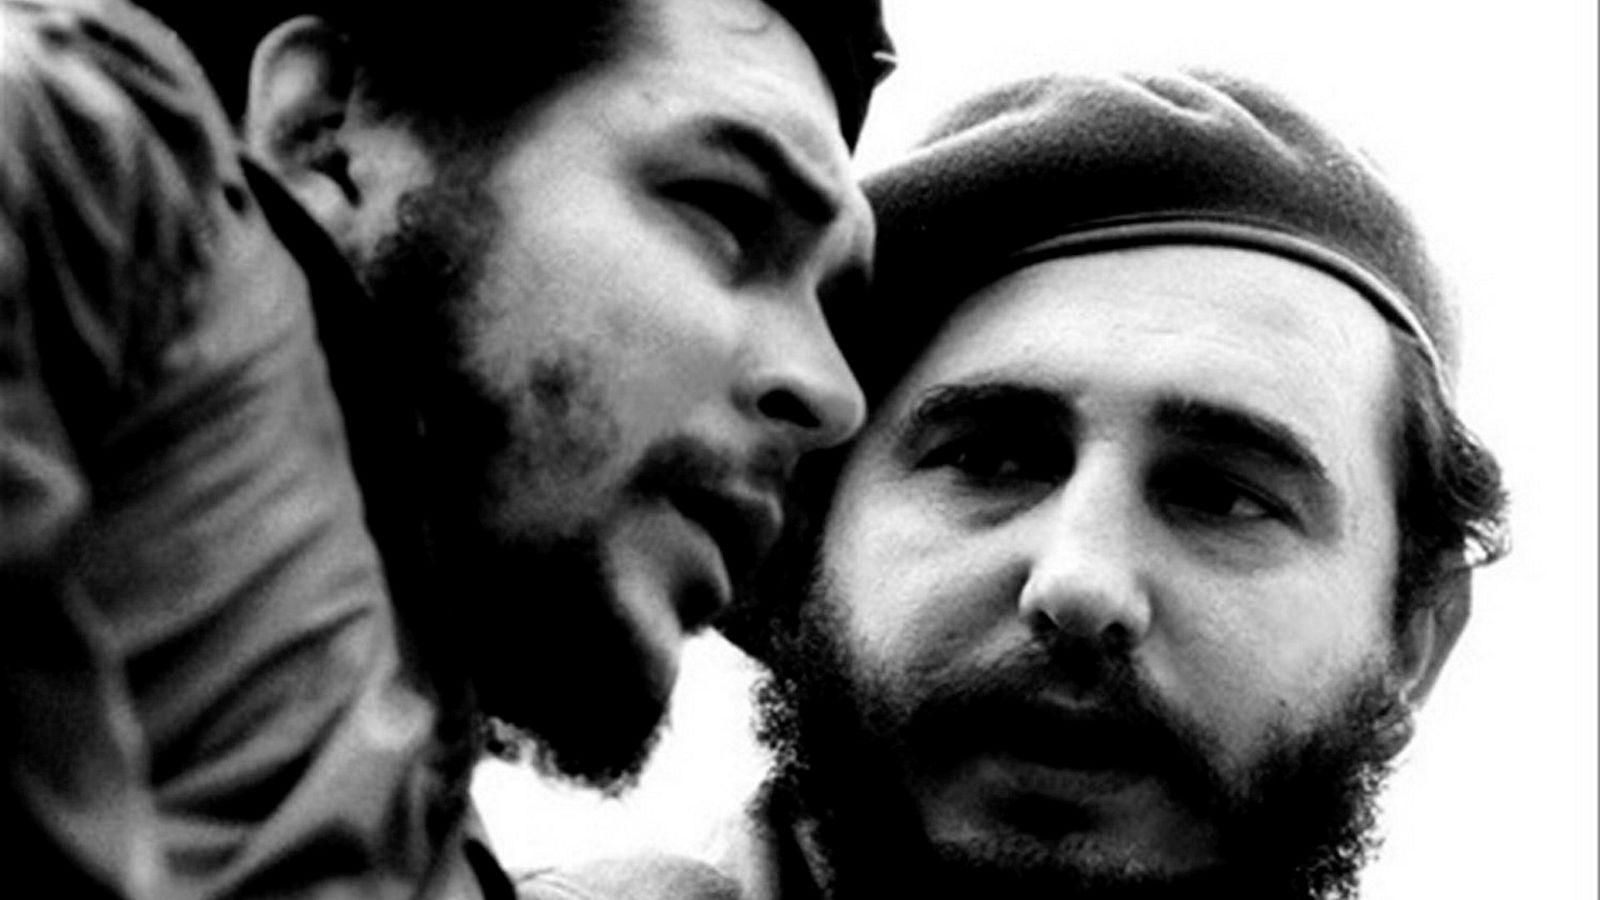 Che Guevara til venstre, Fidel Castro til høyre.